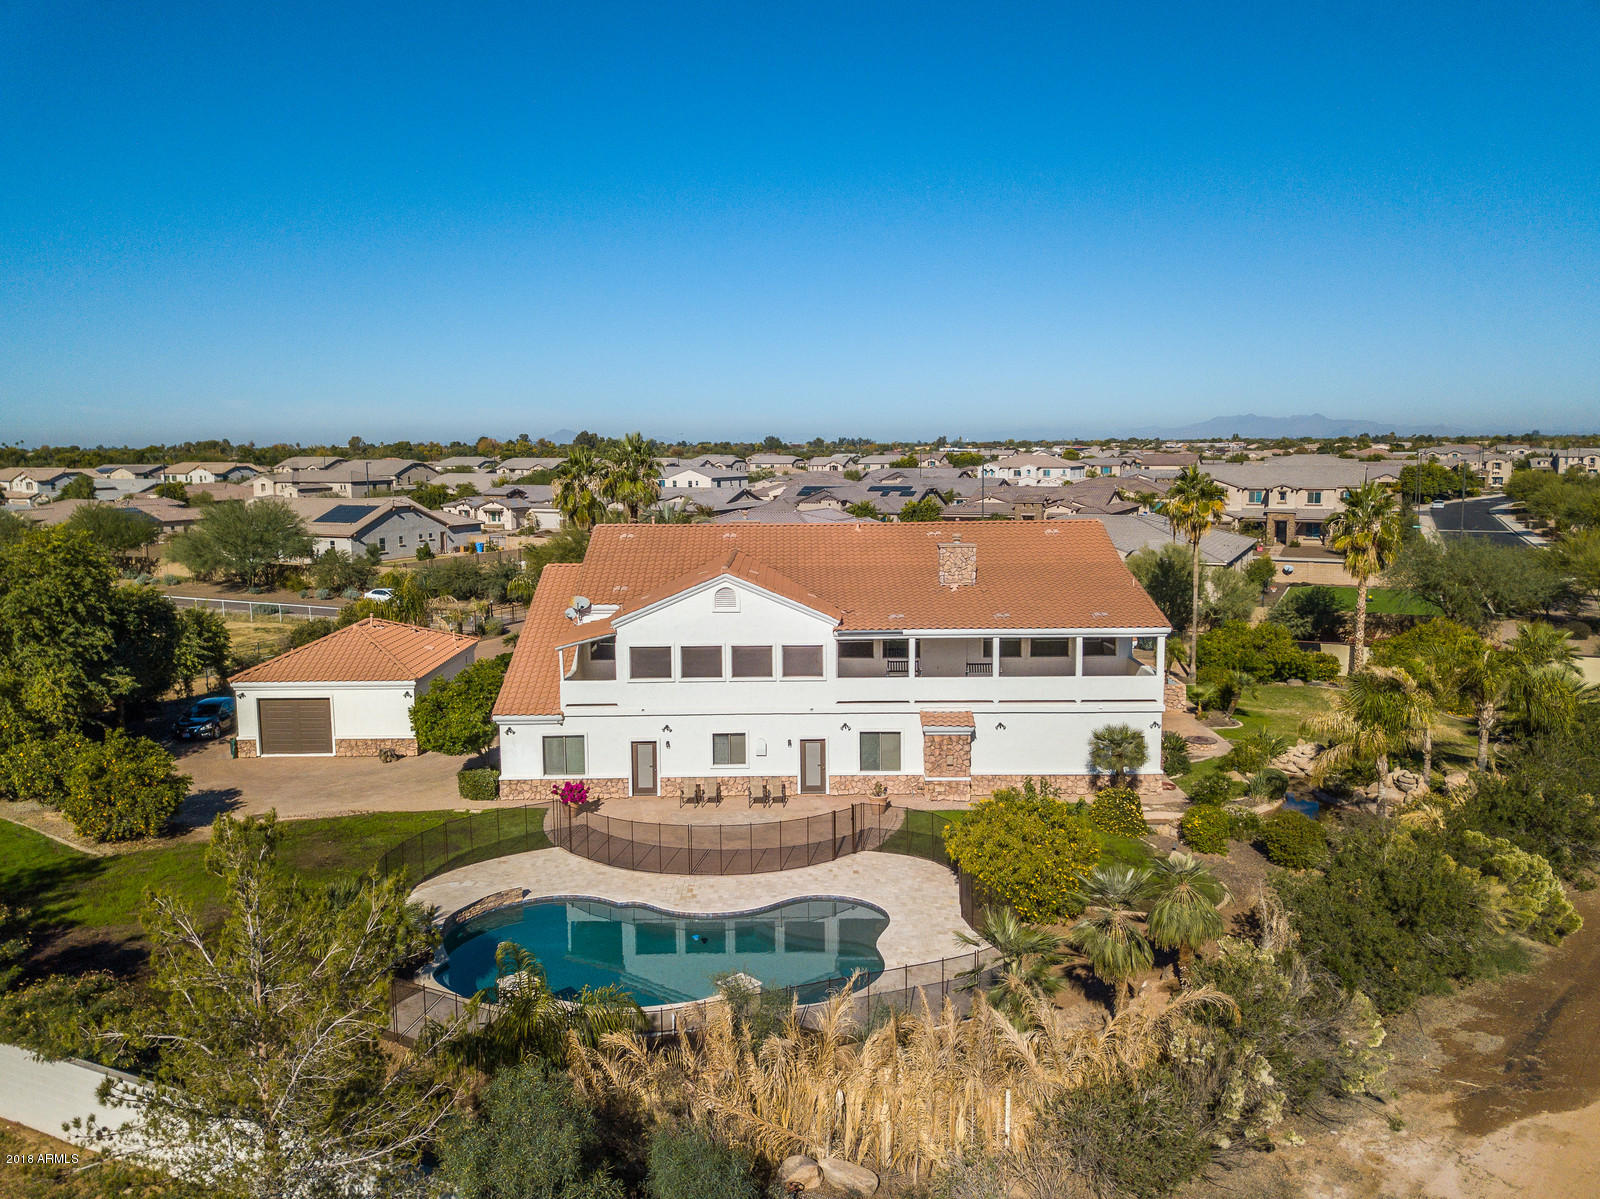 MLS 5851936 973 E Frye Road, Gilbert, AZ 85295 No HOA Homes